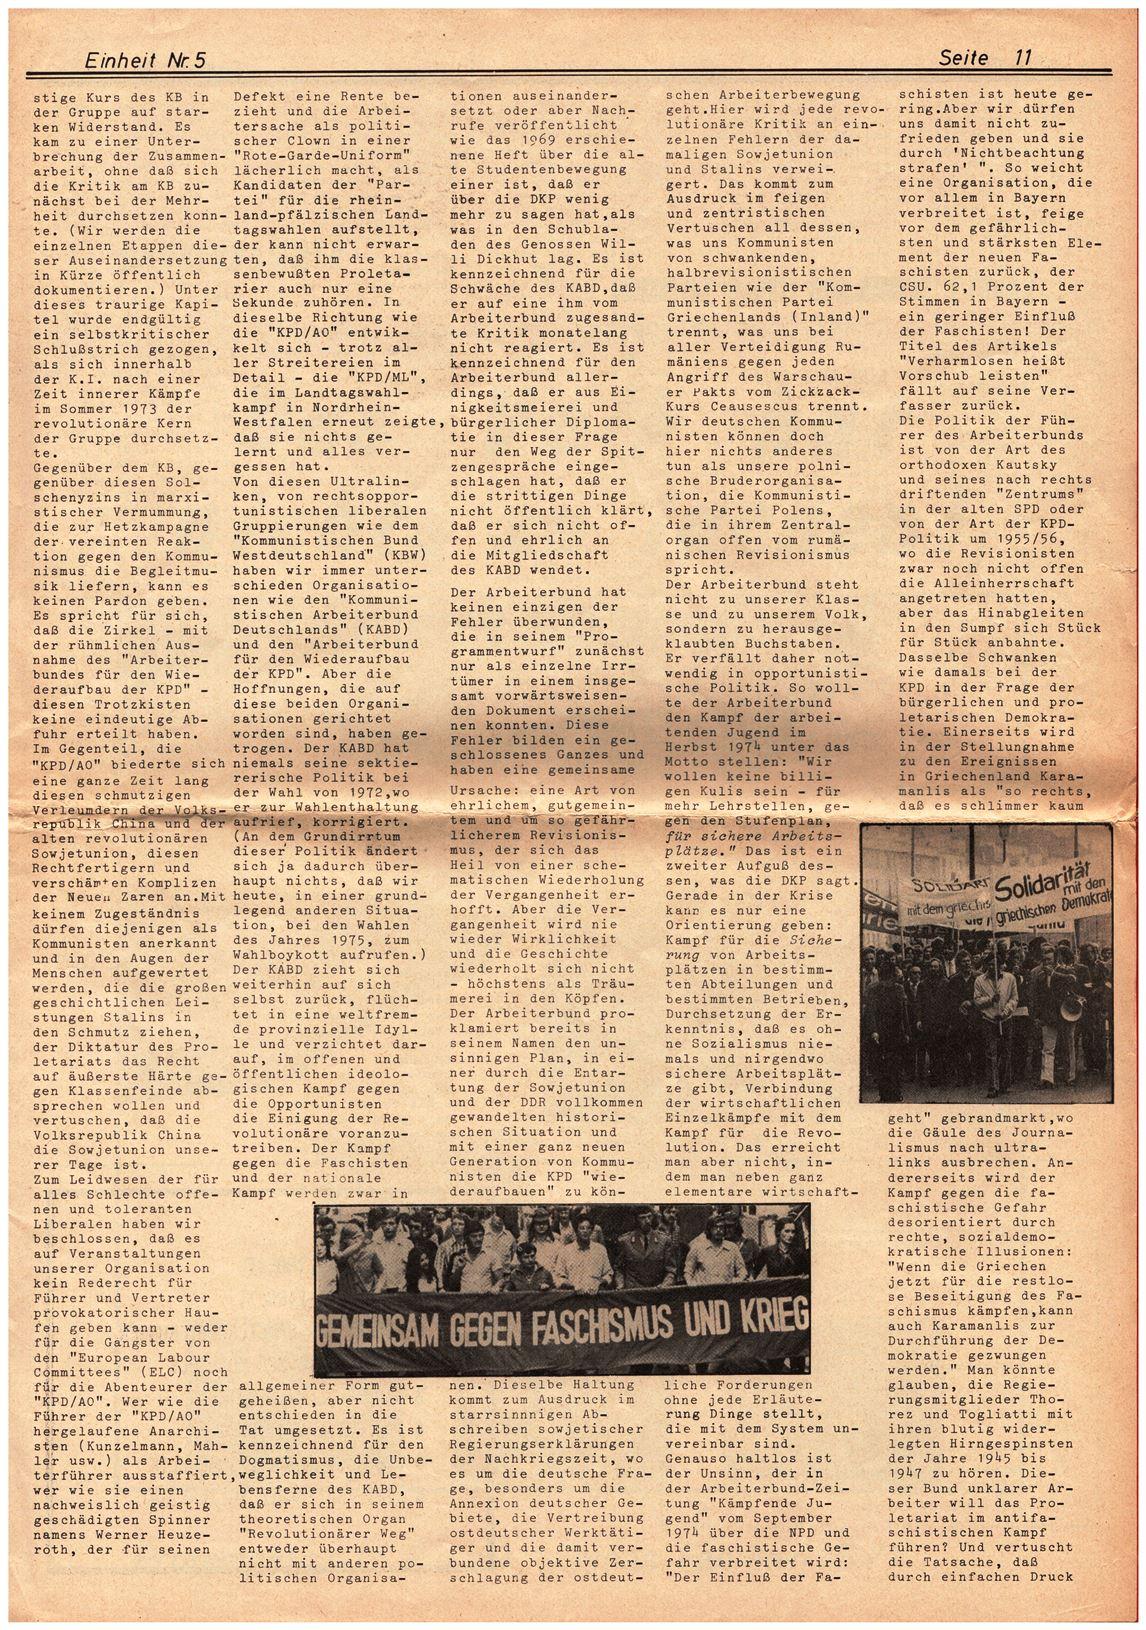 Koeln_IPdA_Einheit_1975_005_011